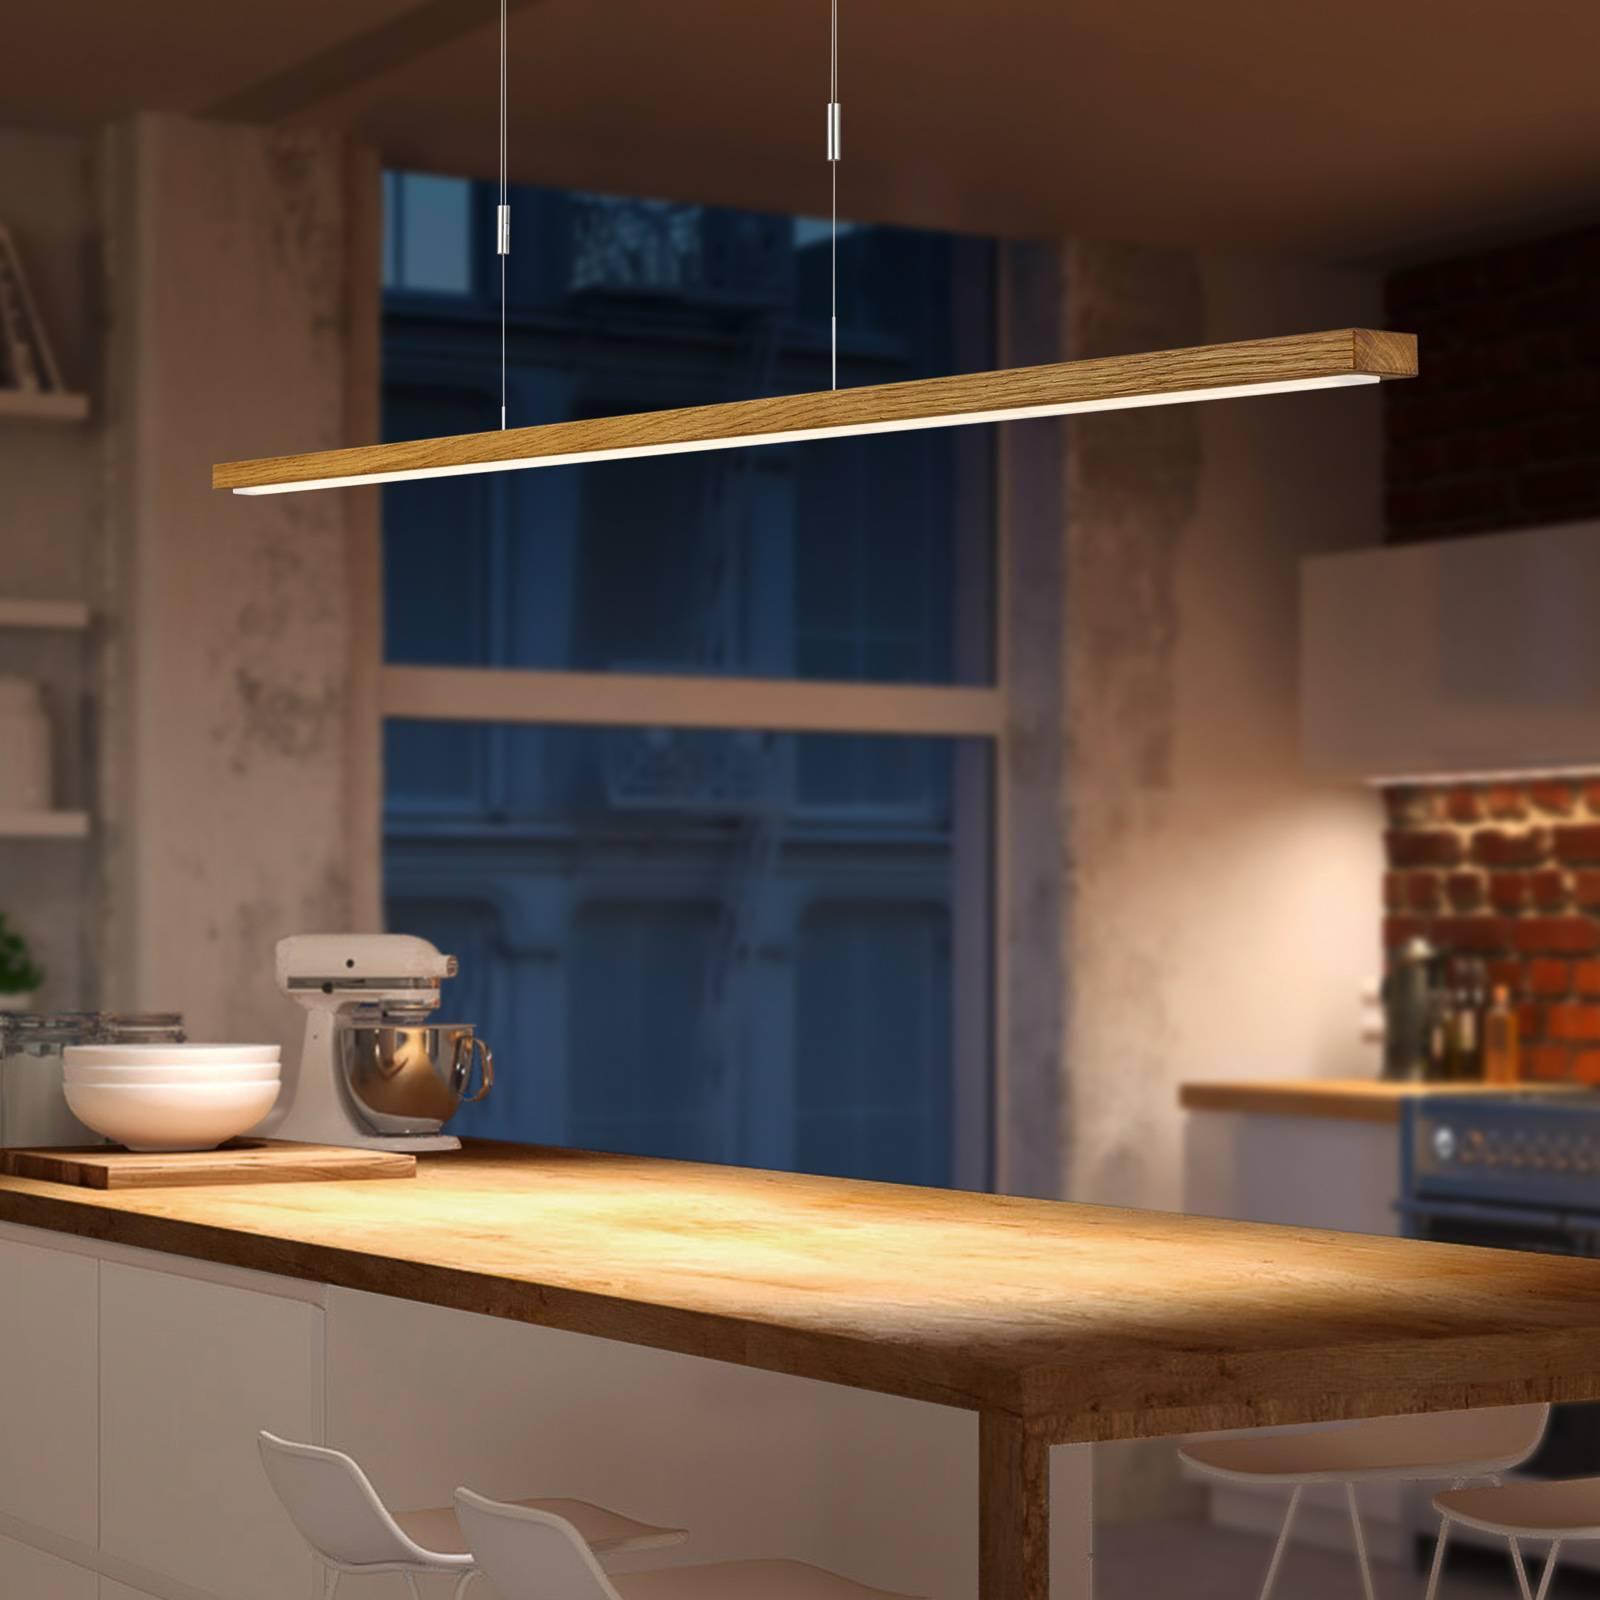 BANKAMP Tulsa LED-Hängelampe Eiche Downlight 100cm